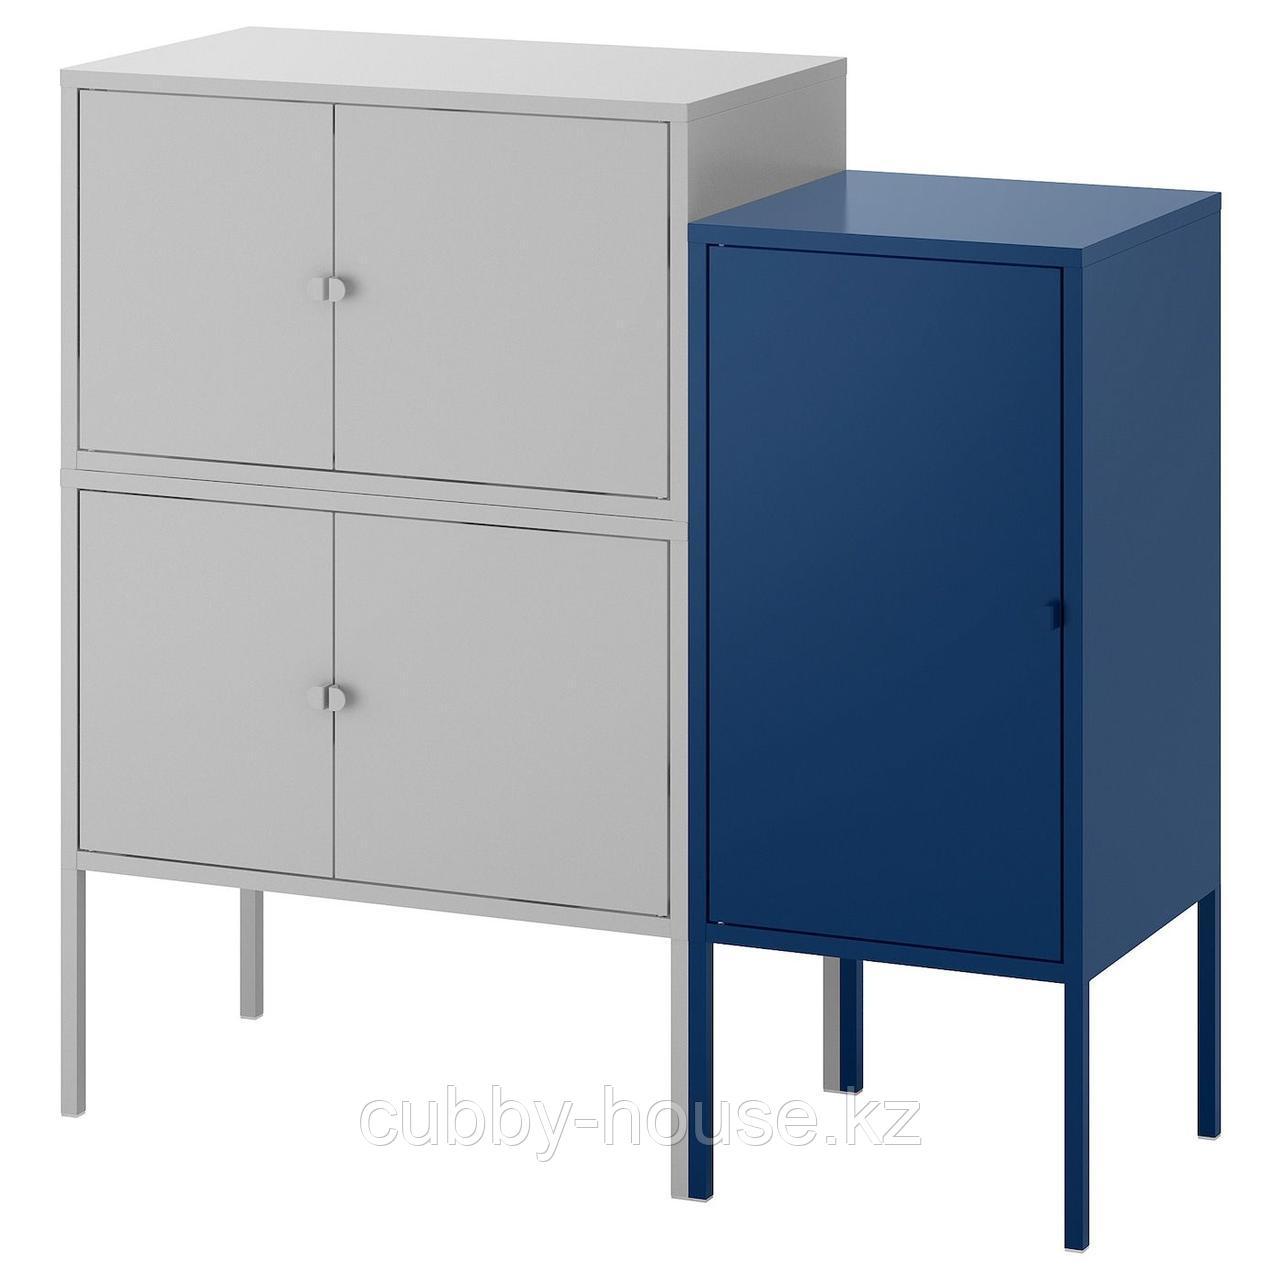 ЛИКСГУЛЬТ Комбинация шкафов, серый, красный, 95x35x92 см